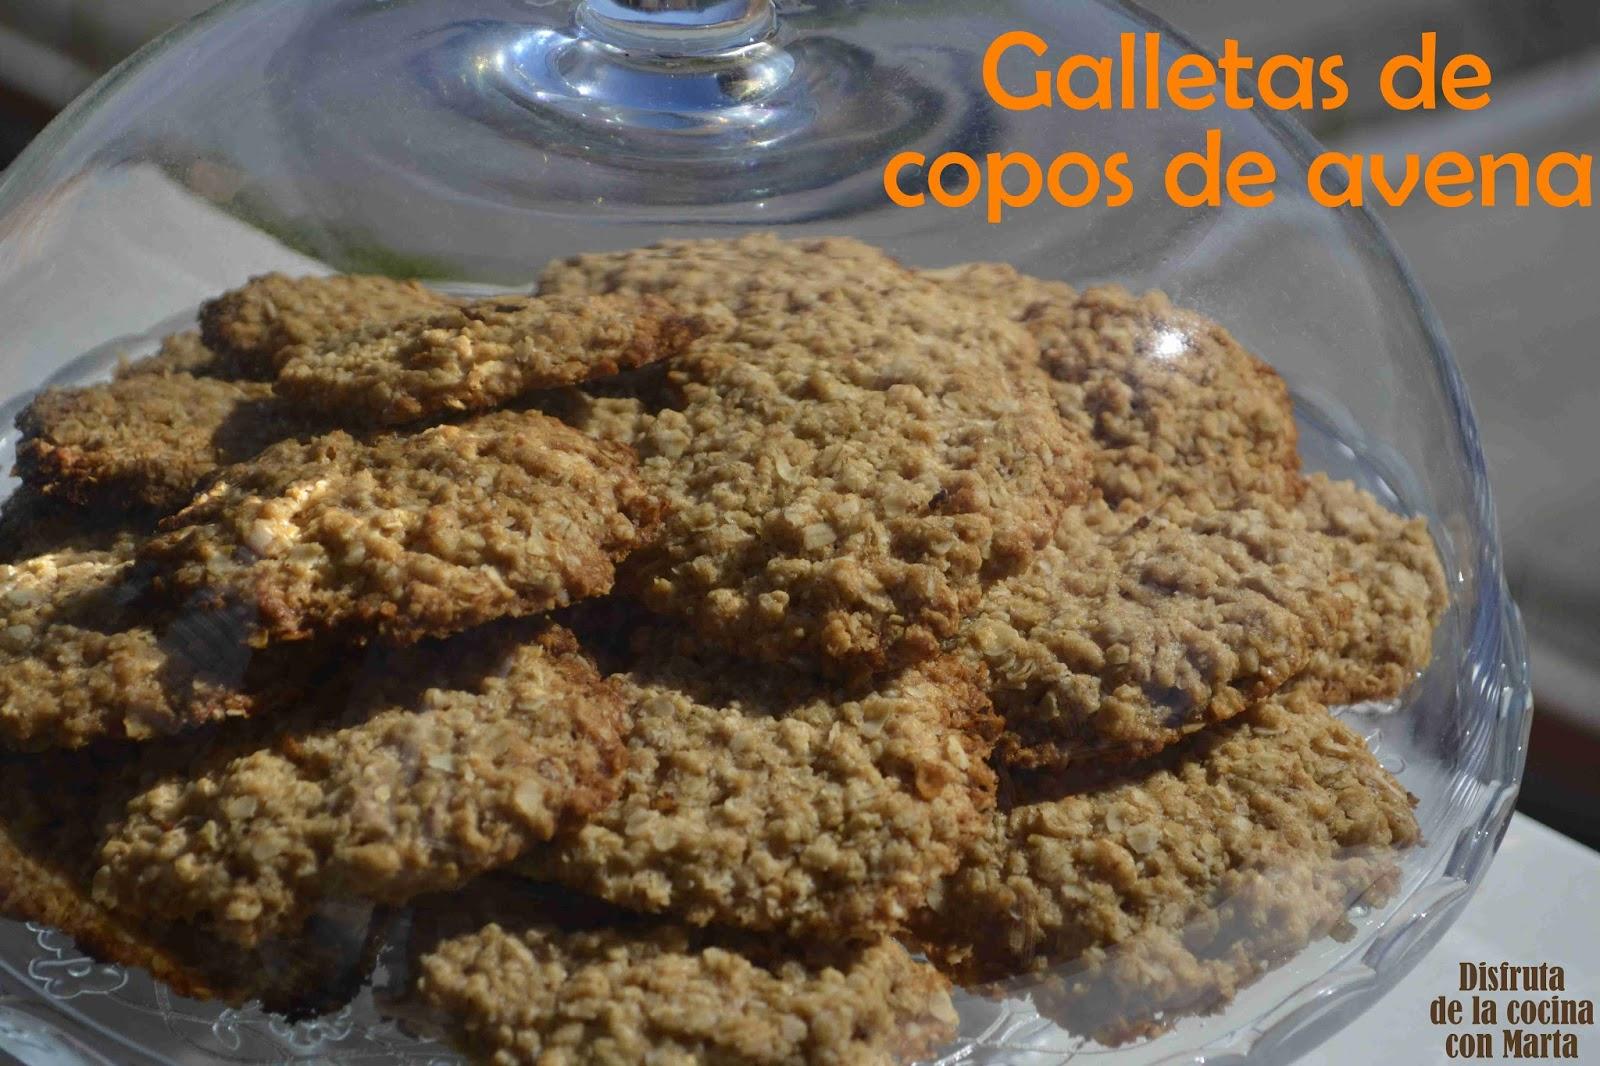 Disfruta de la cocina con marta galletas con copos de avena de las buenas - Copos de avena bruggen ...